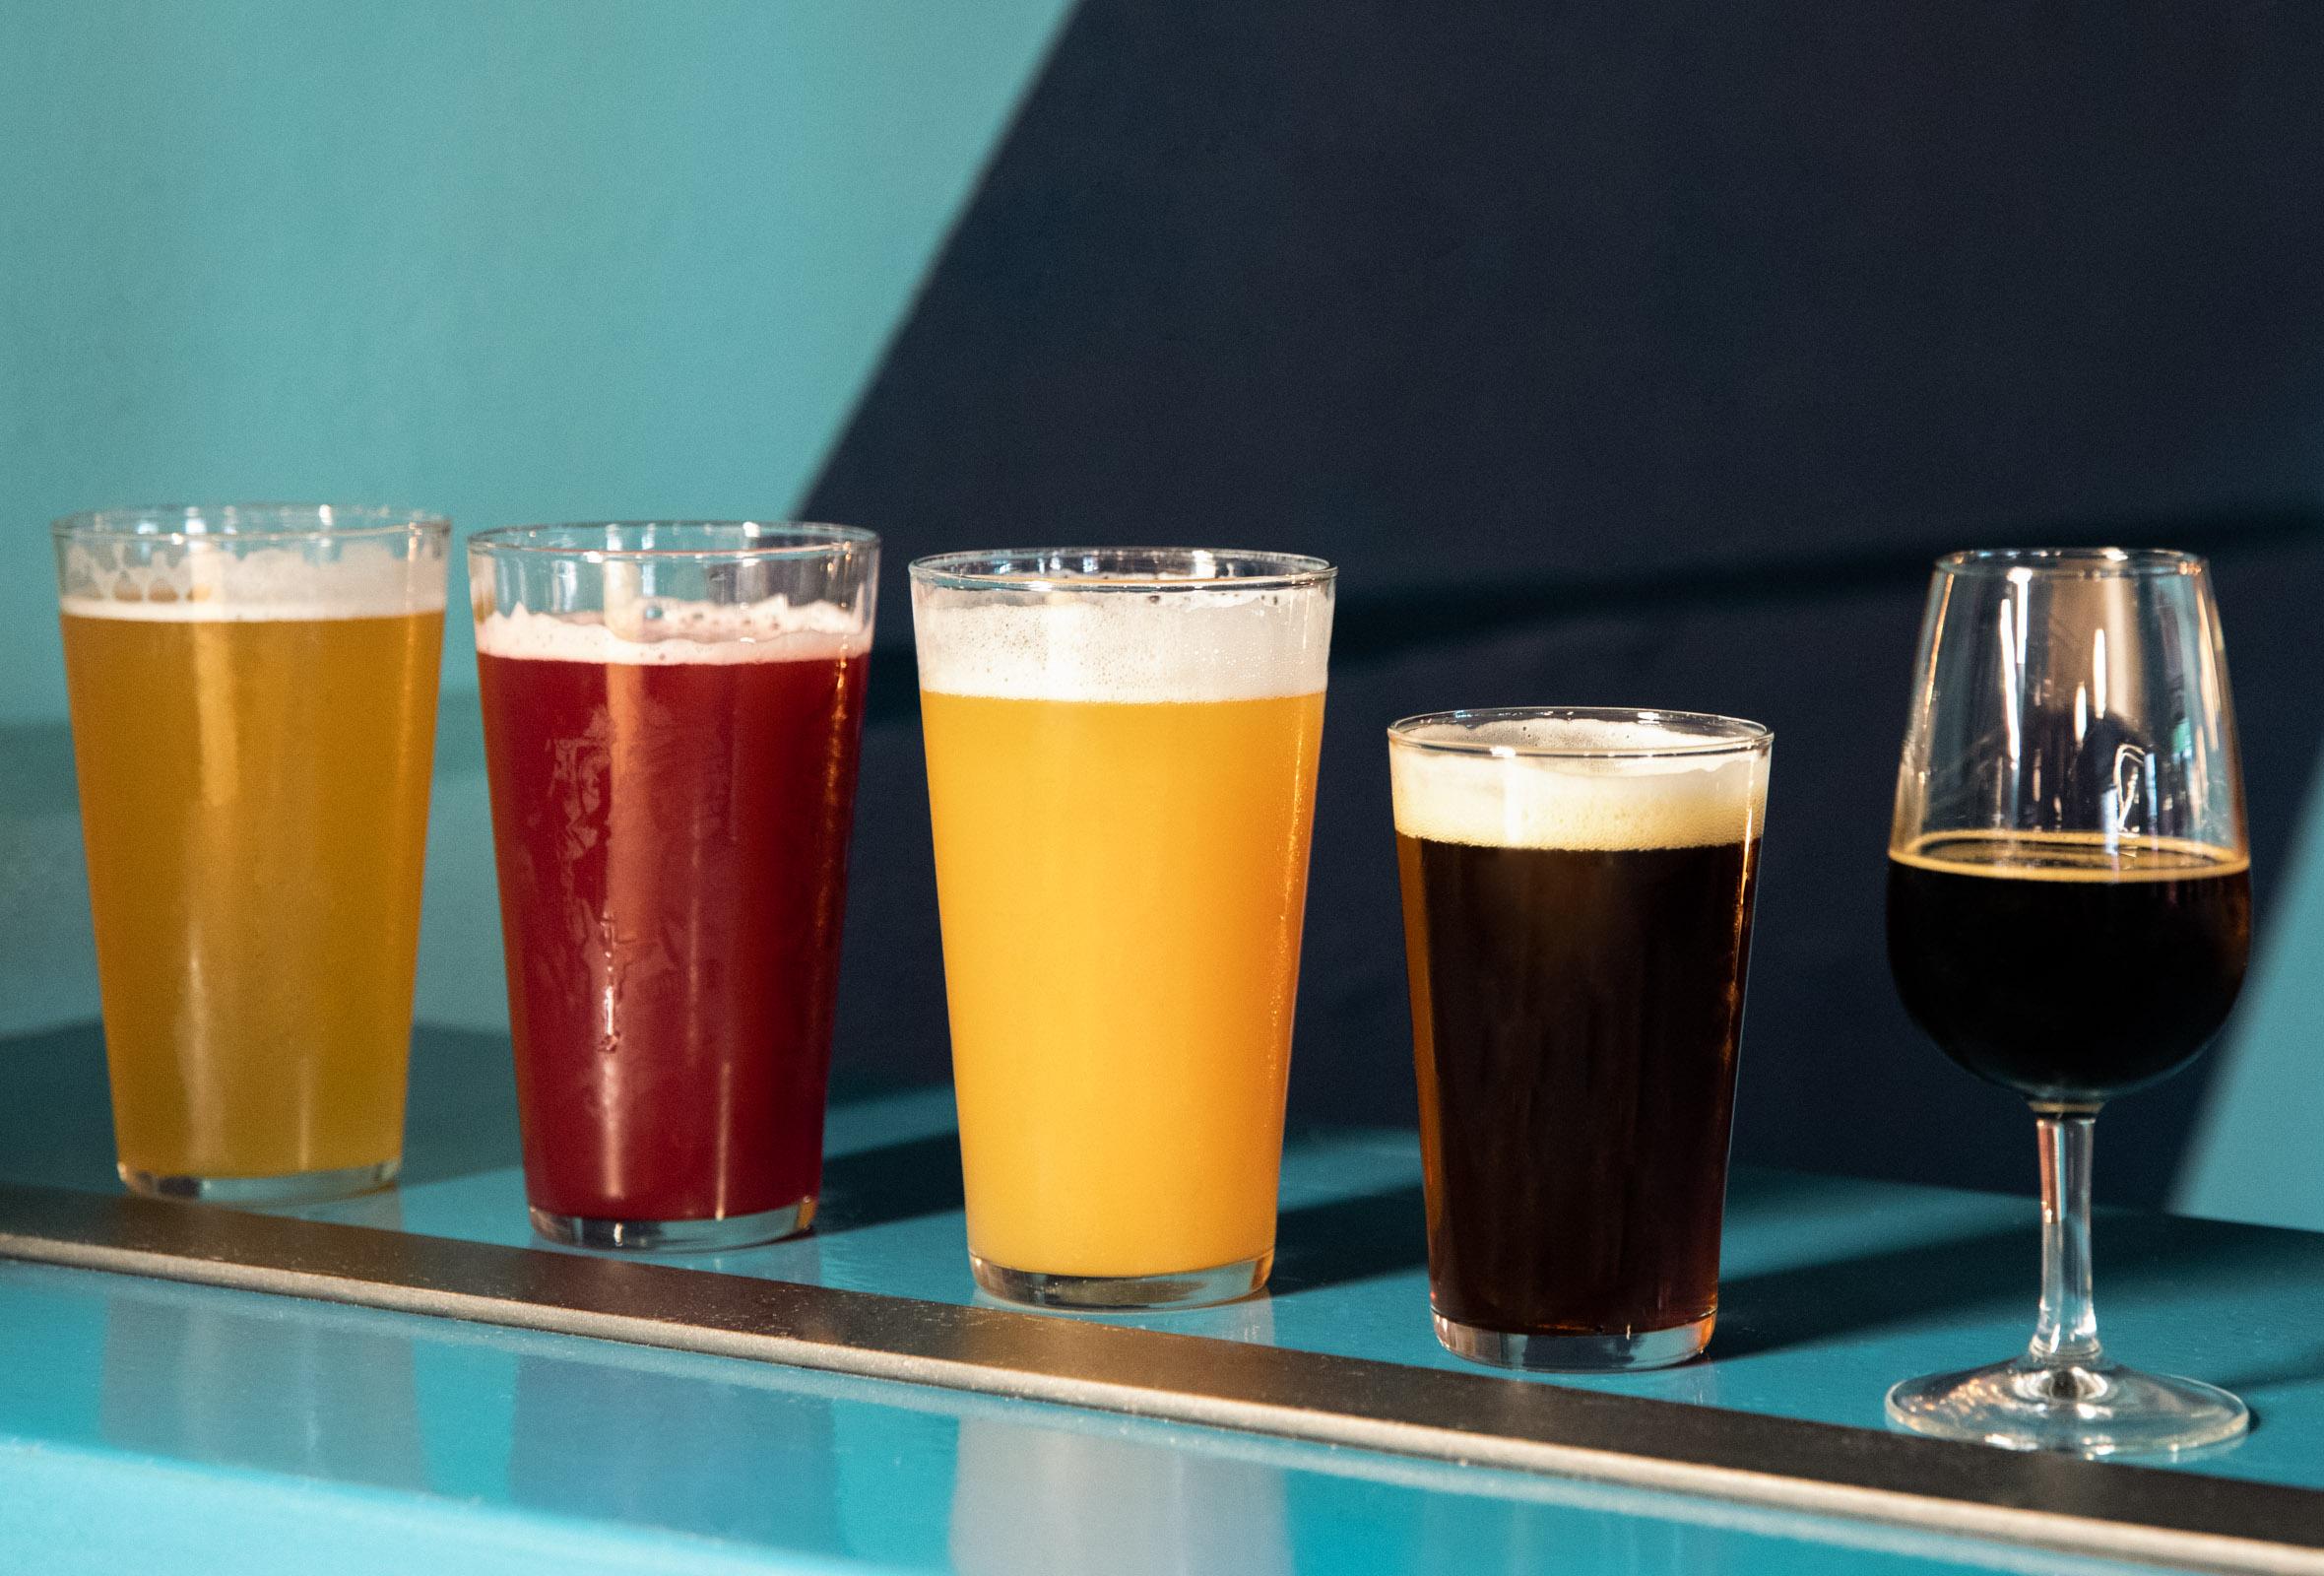 Frit valg til alt hos BRAW – Nørrebro Bryghus har åbnet ny ølbar med egne mikrobryg samt øl fra verdens bedste bryggerier